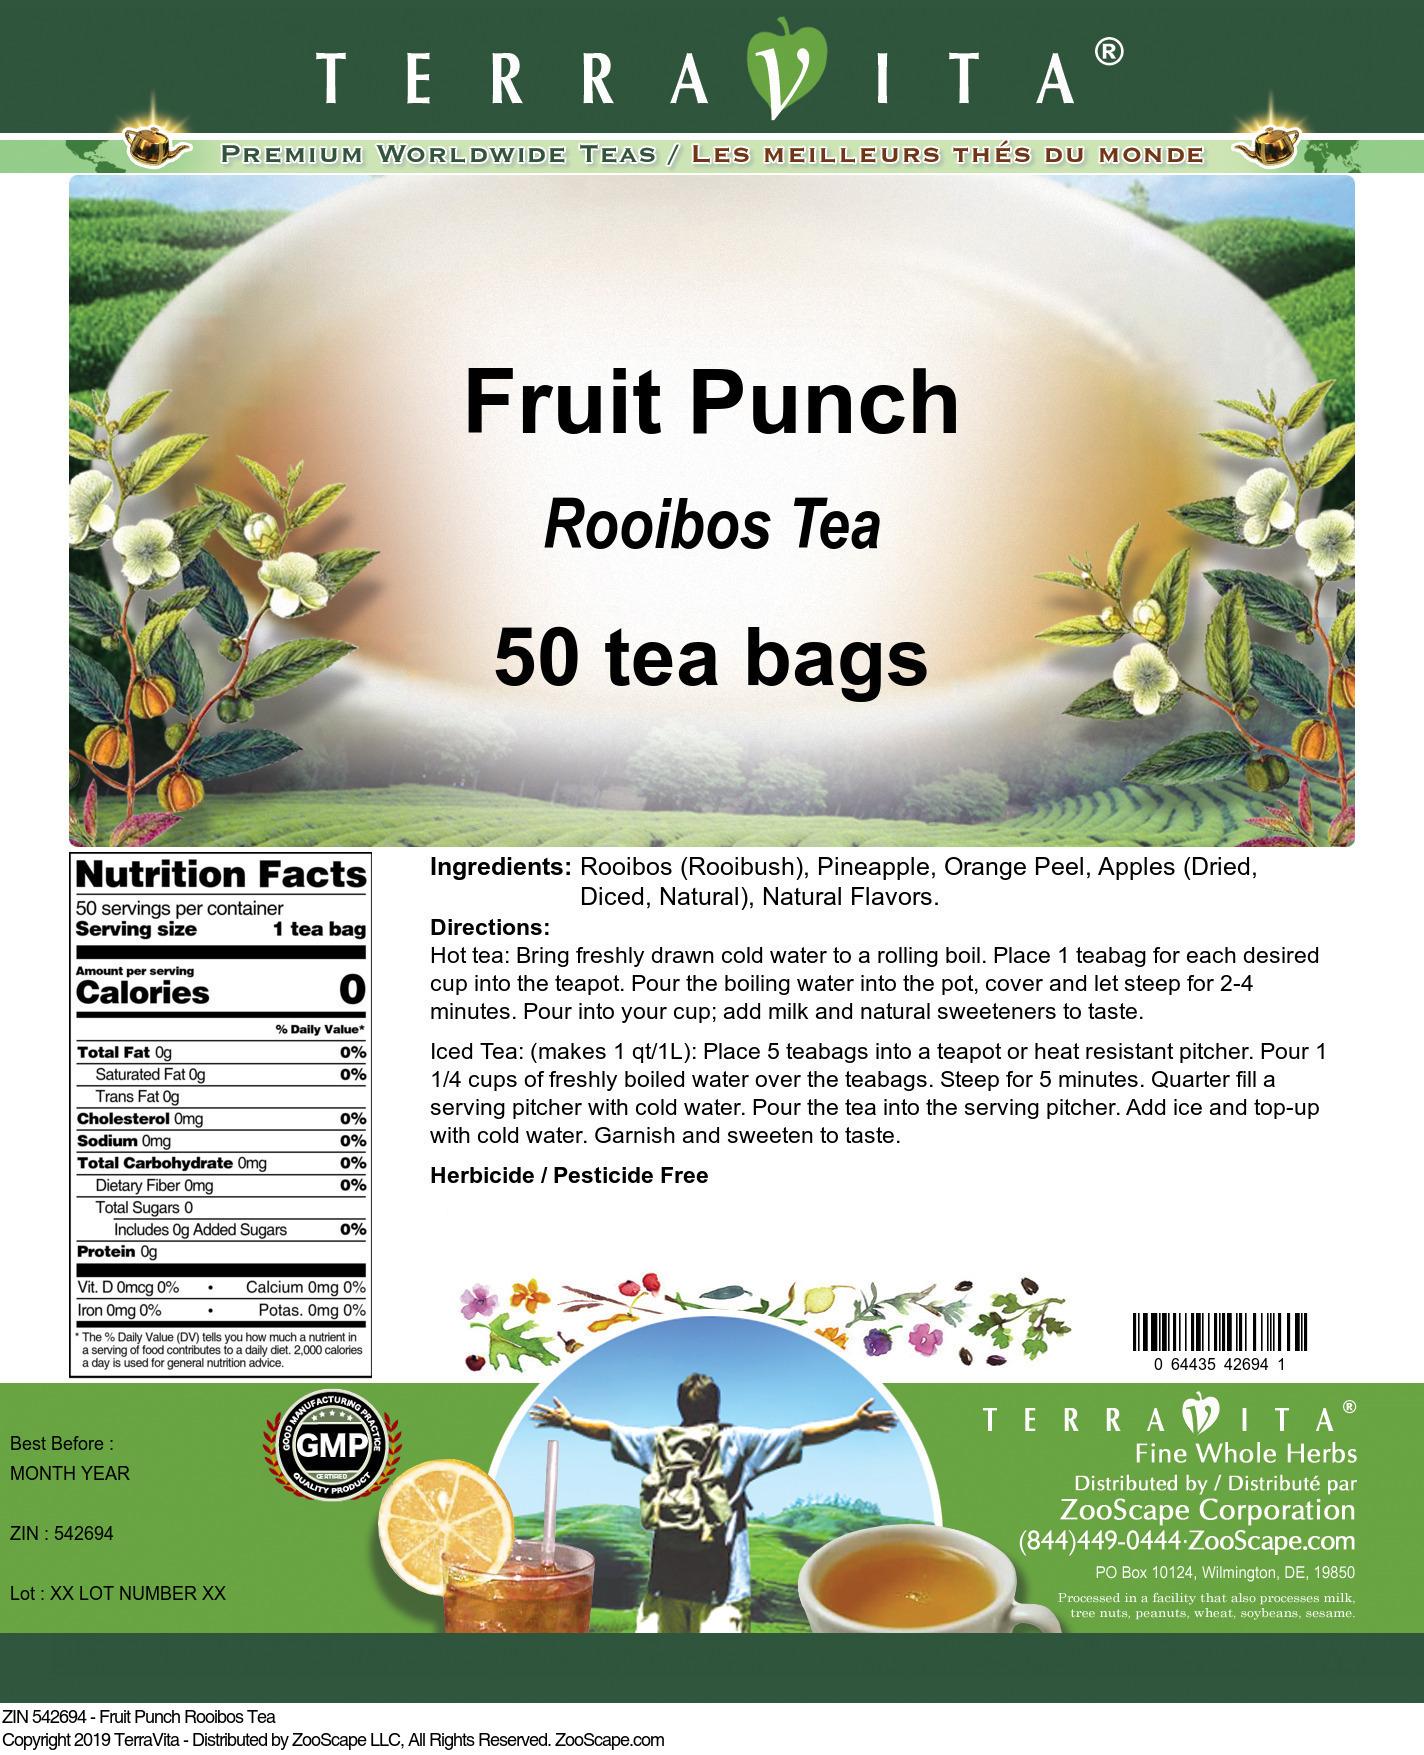 Fruit Punch Rooibos Tea